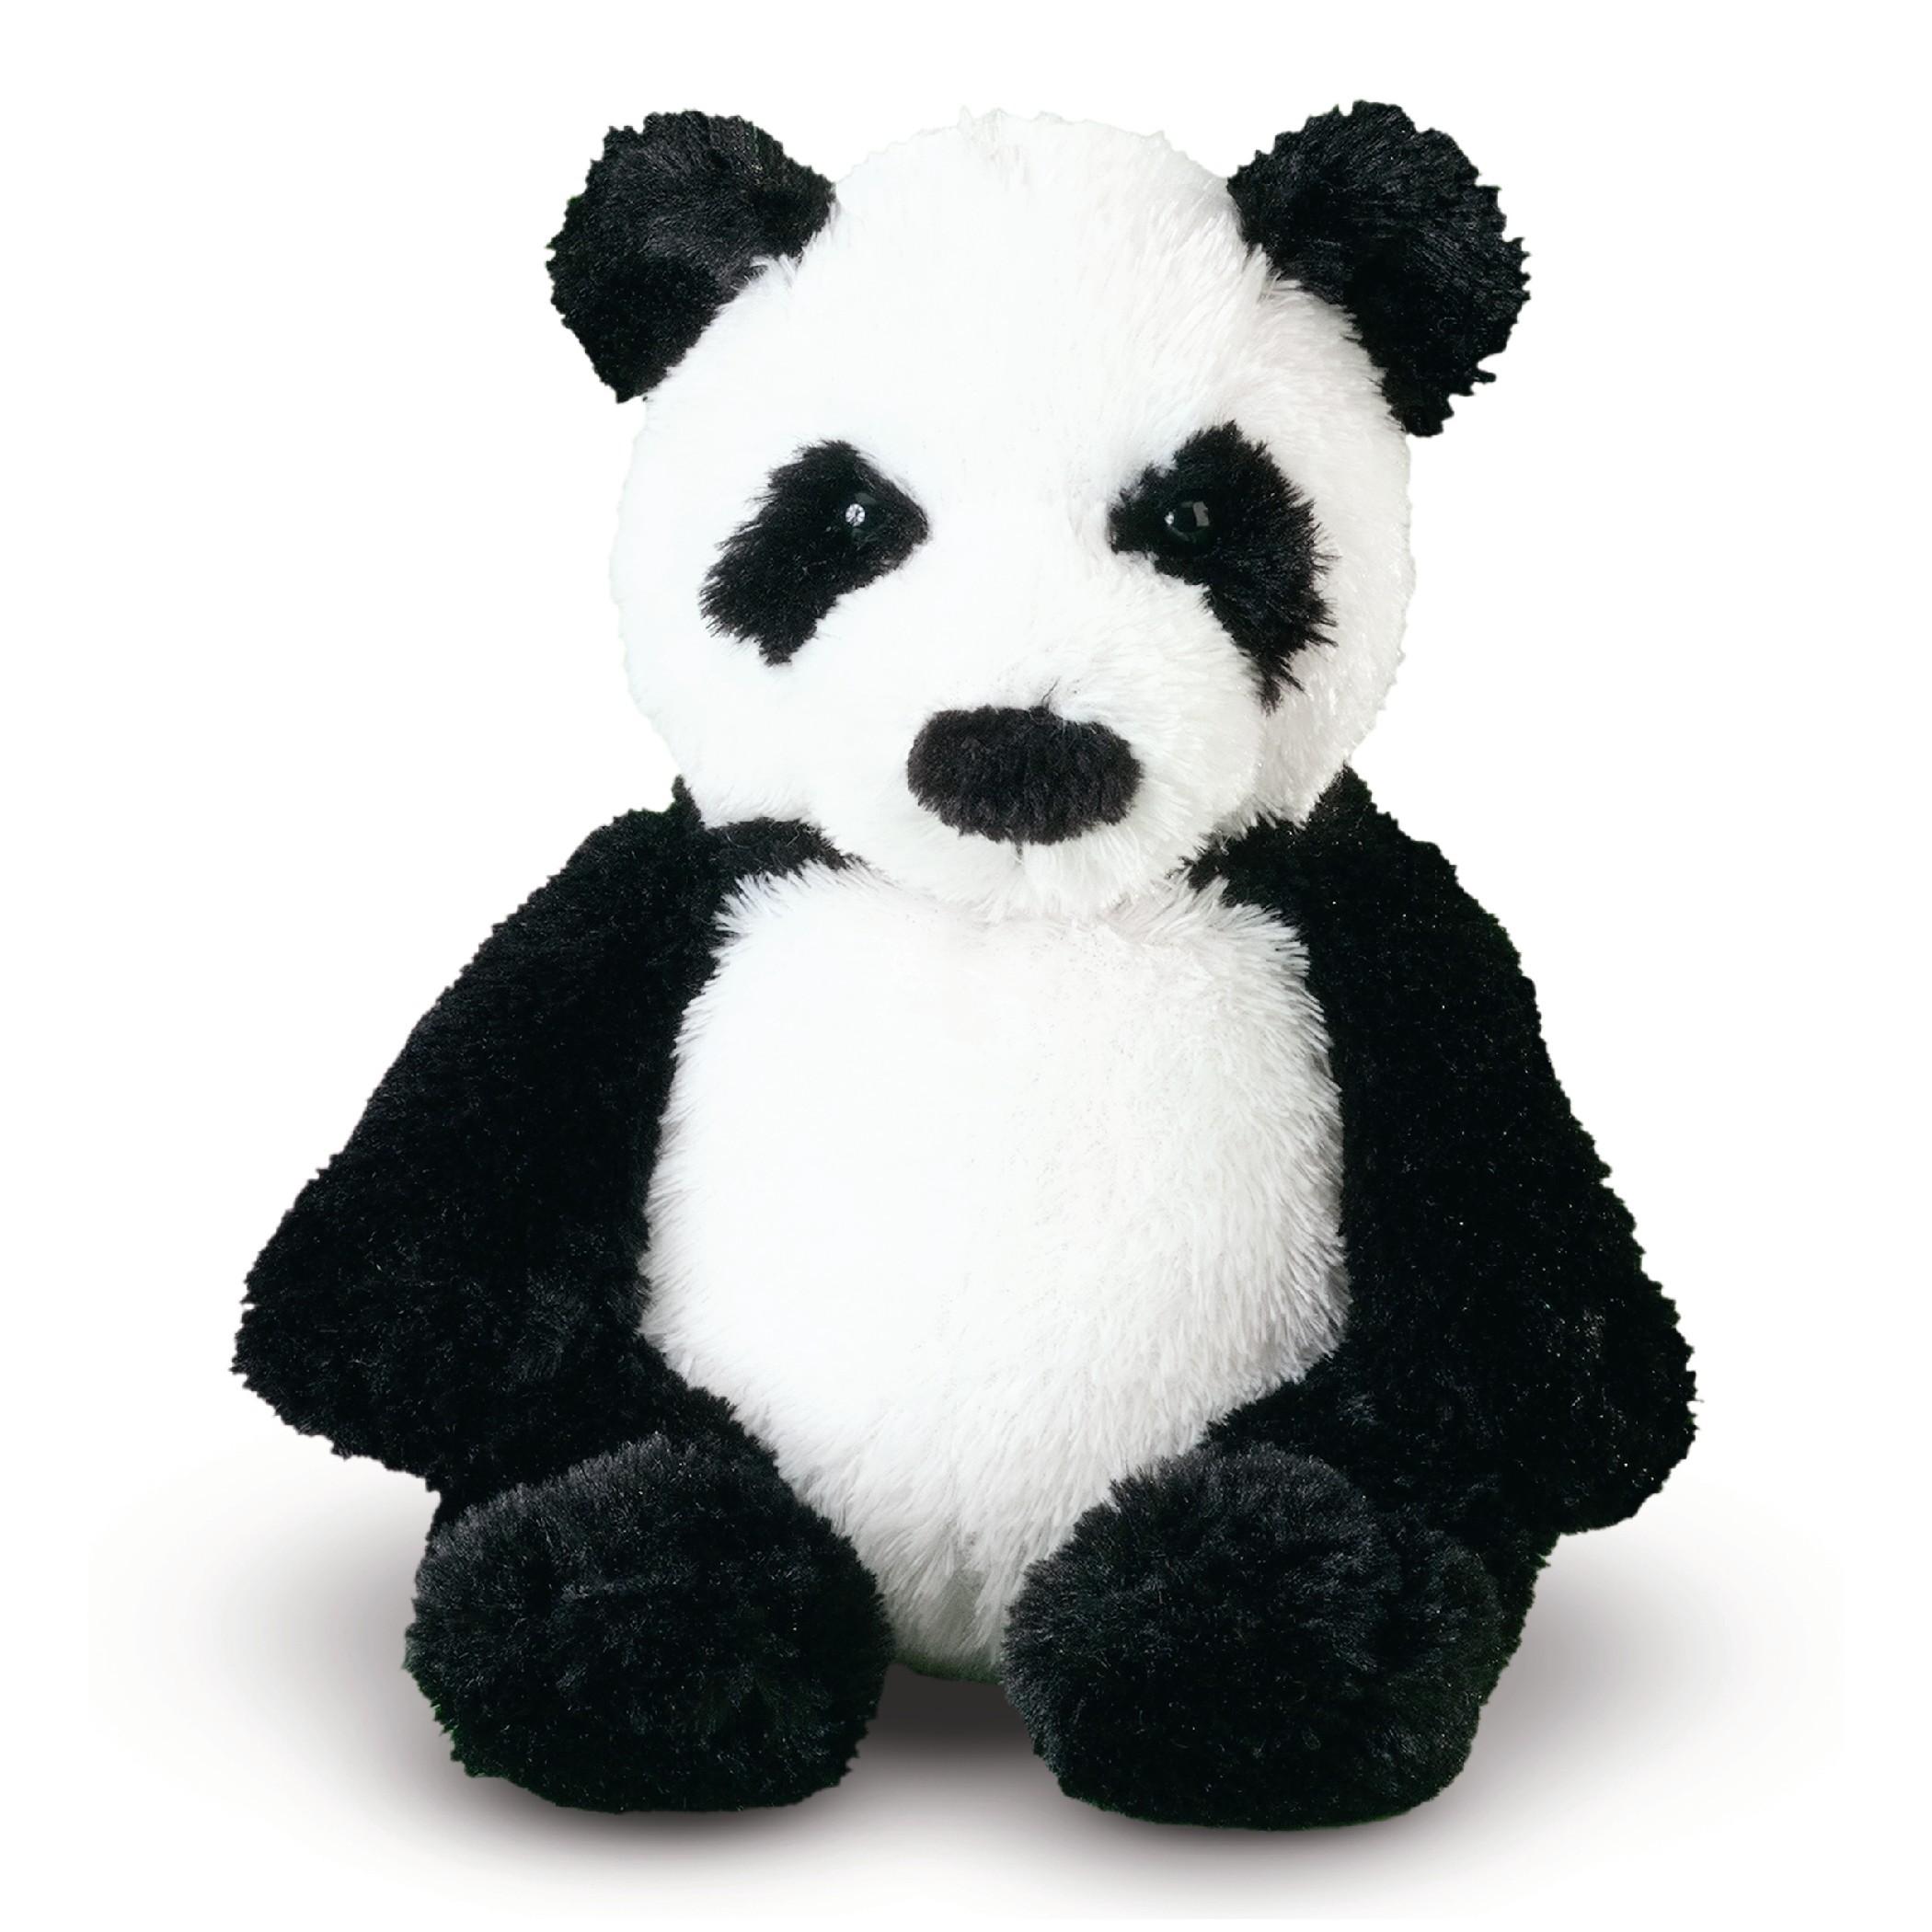 Мягкая игрушка  Панда - Дикие животные, артикул: 164208